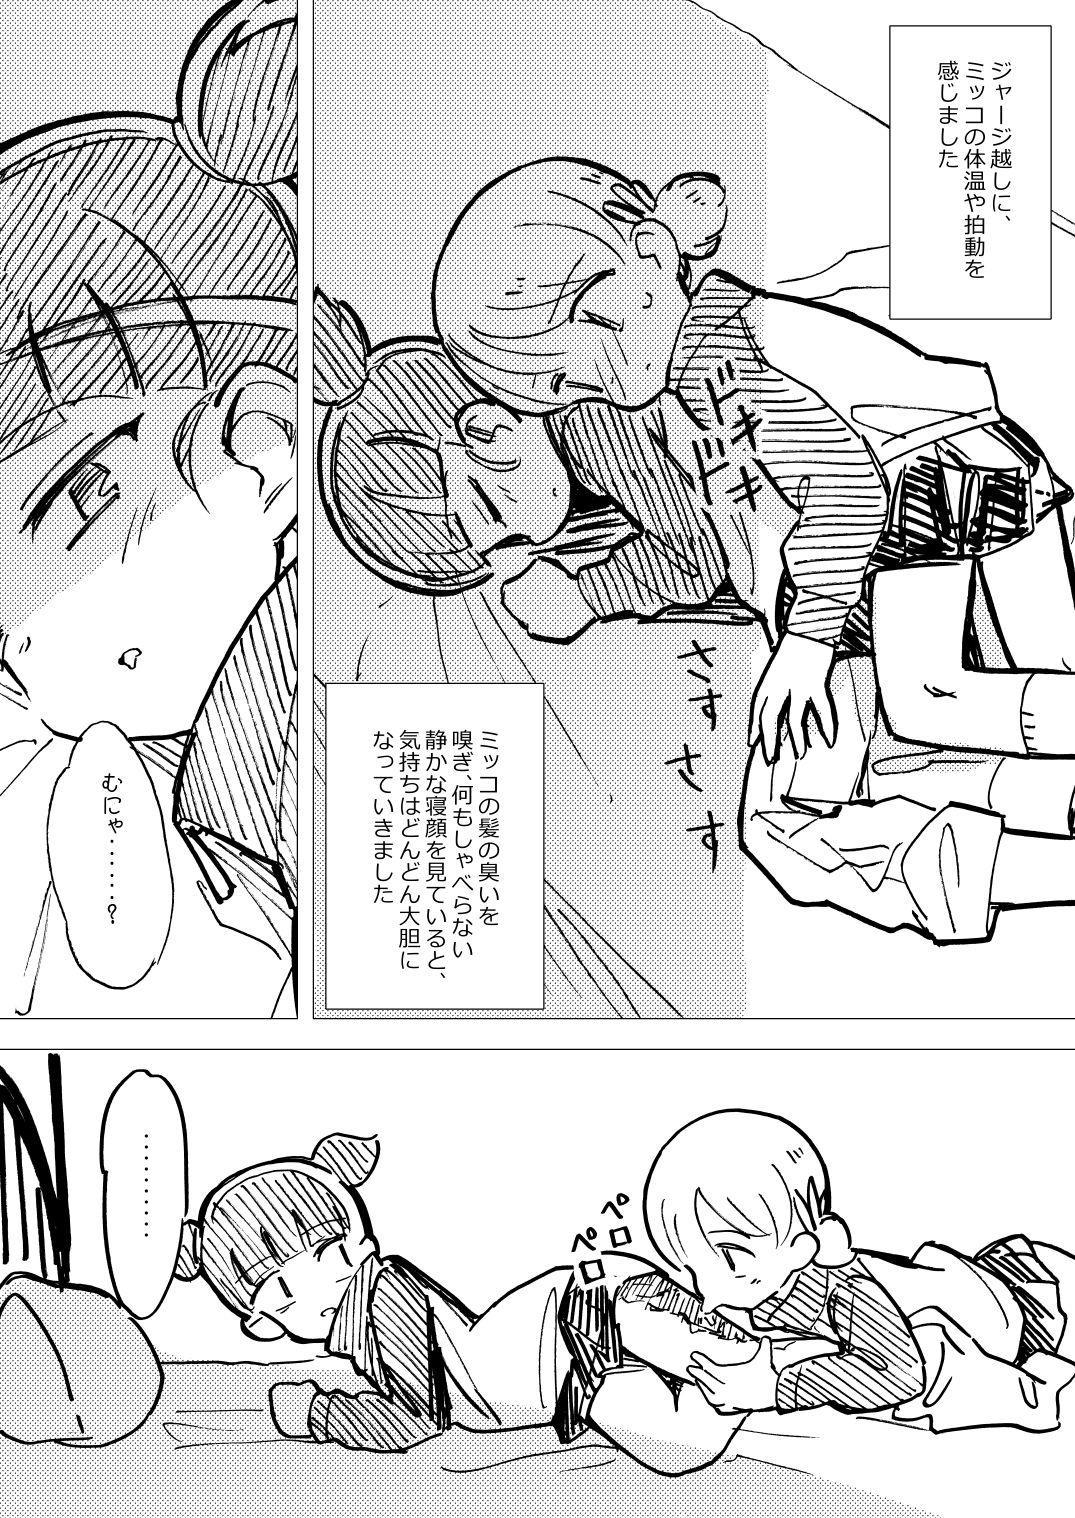 Nee Aki Kocchi Muite + 1 20